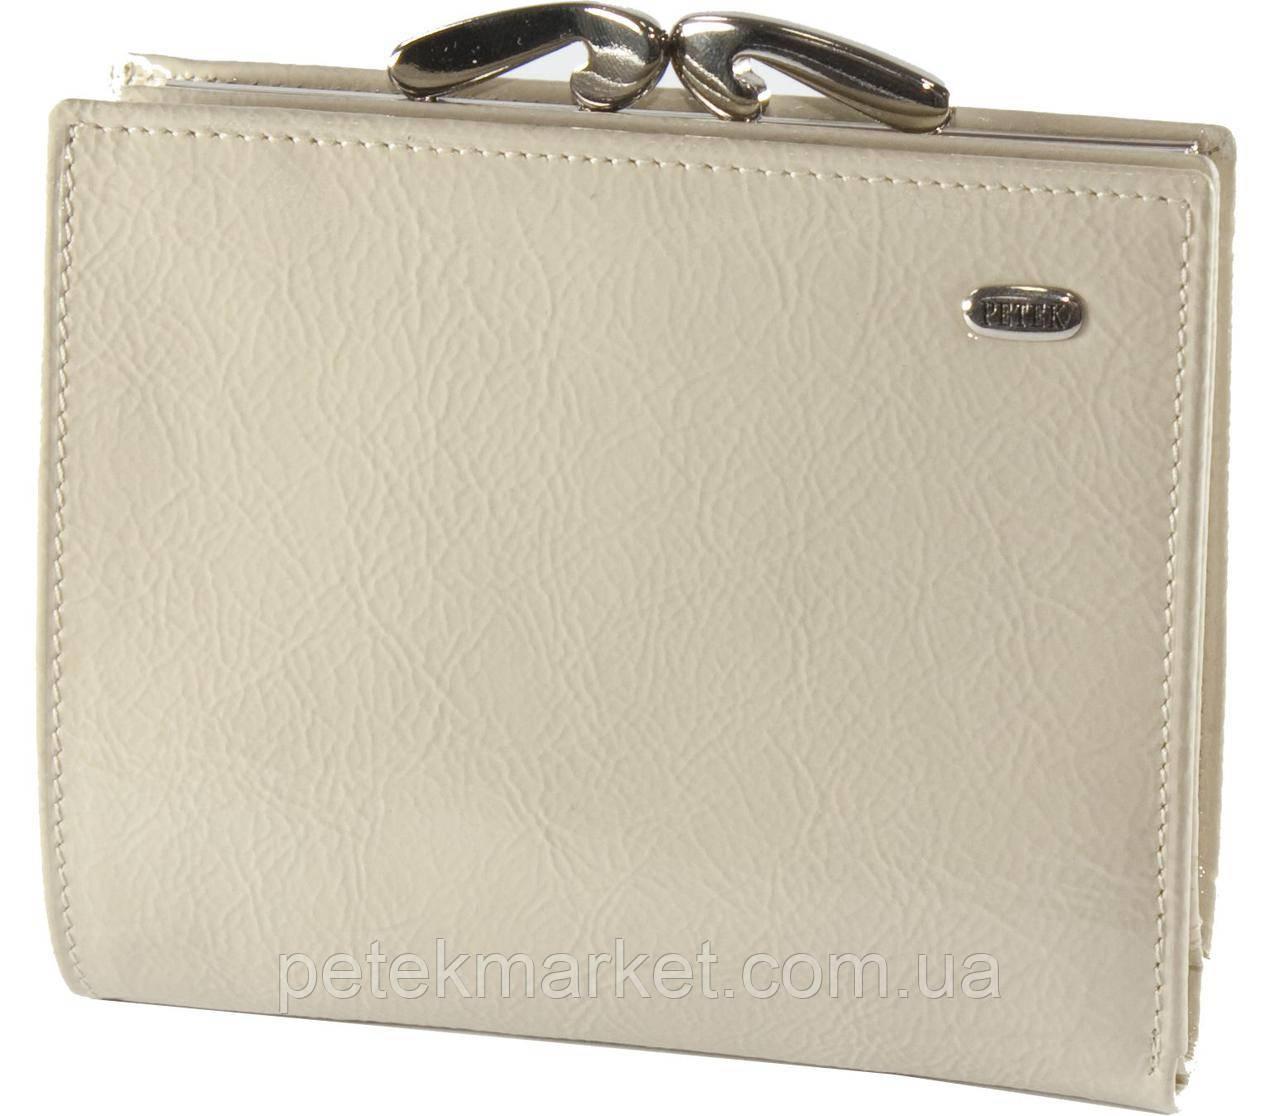 Женское портмоне PETEK 2336 бежевый (2336-052-20) - купить ...